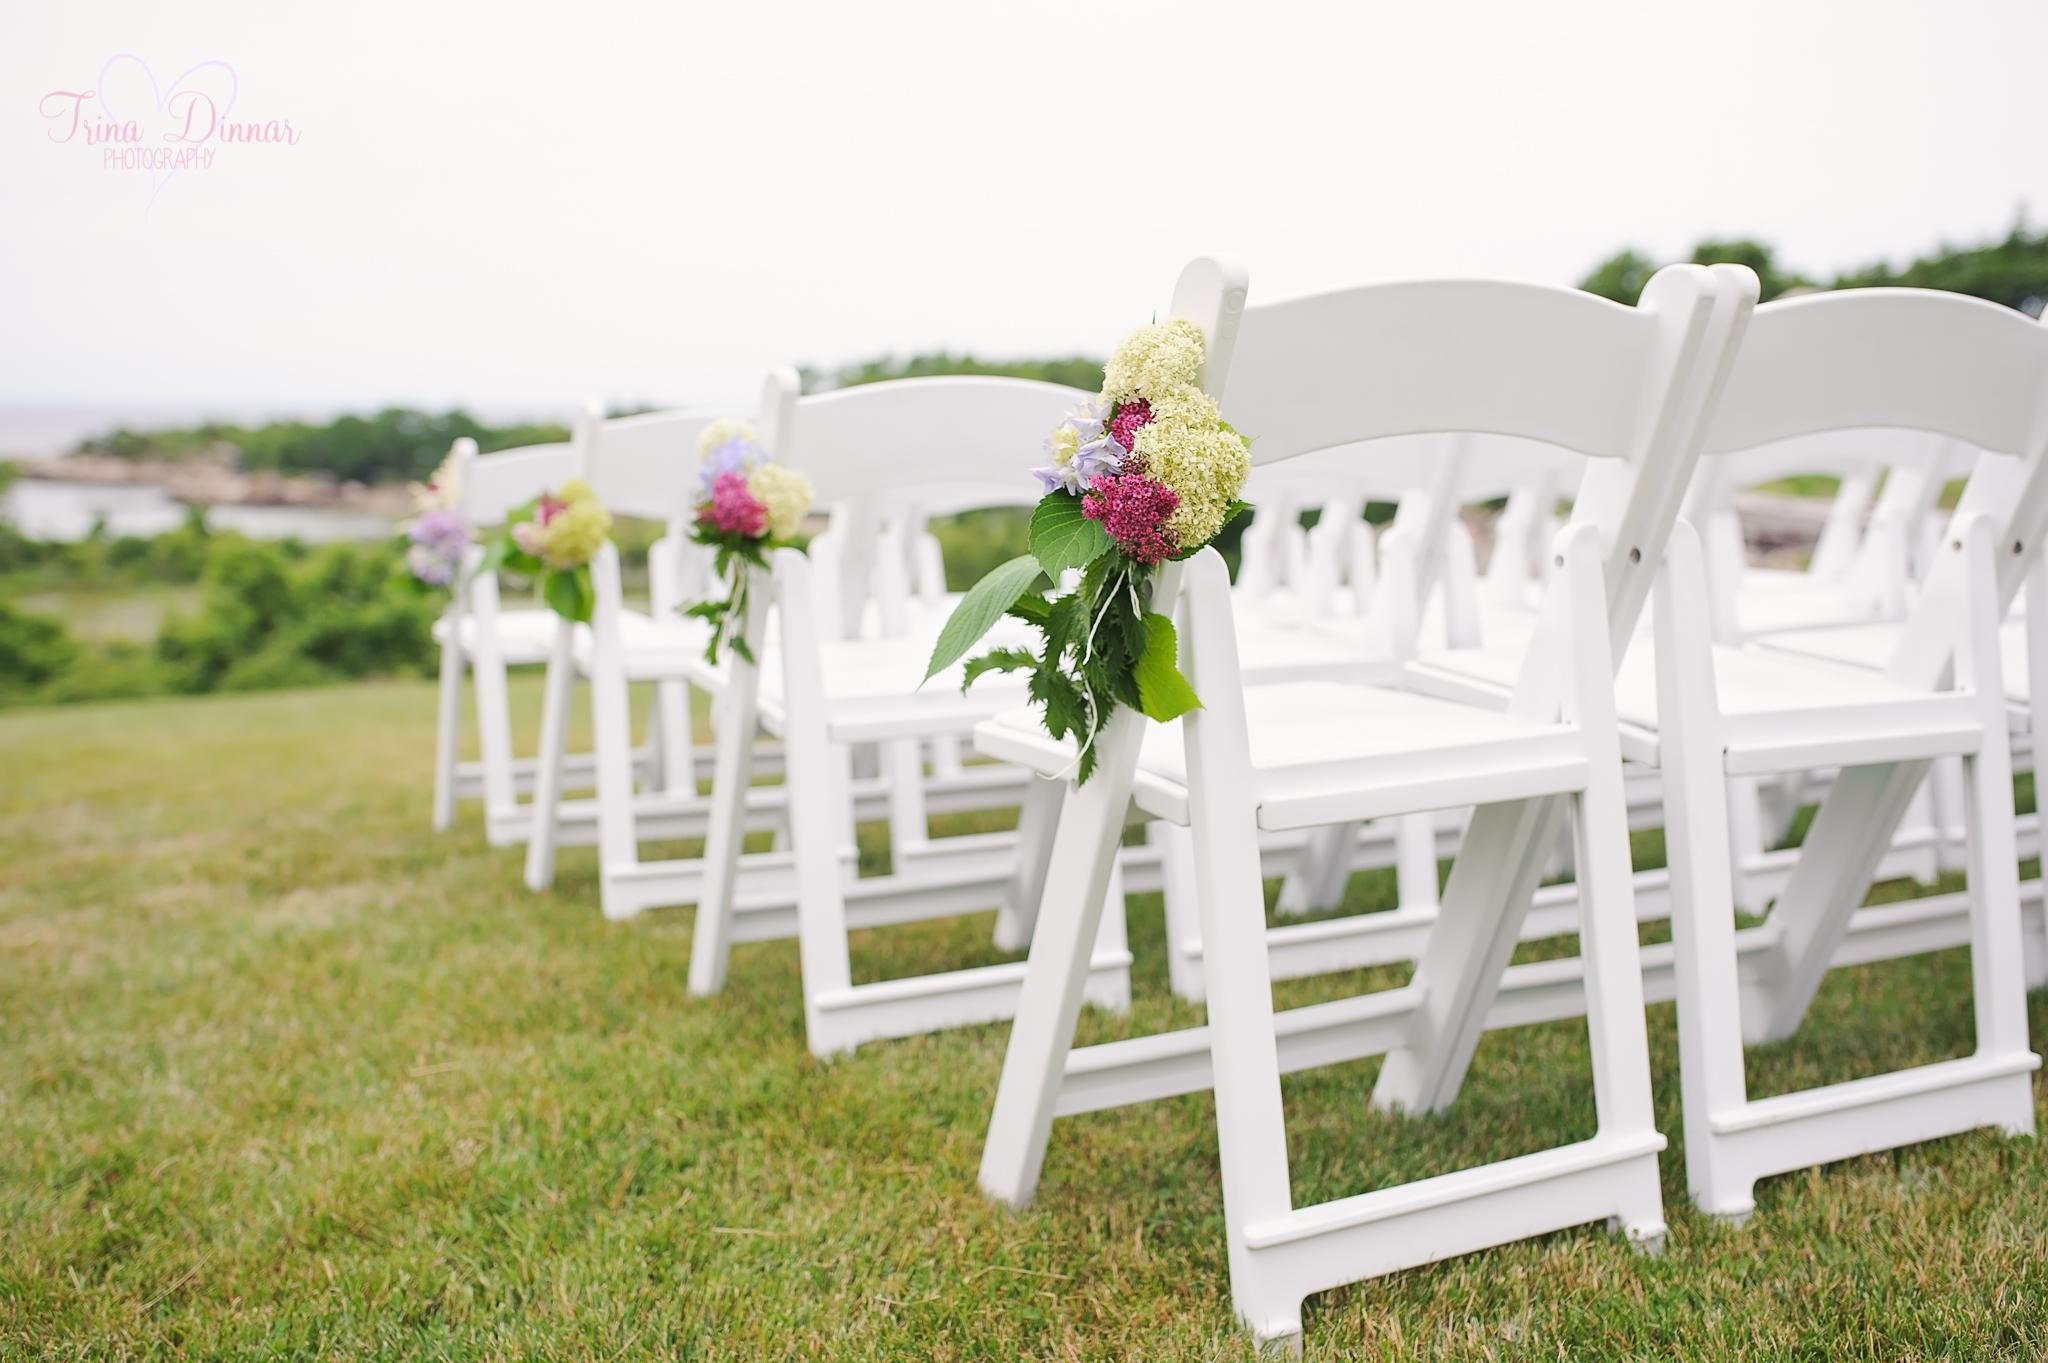 Wedding ceremony in Gloucester, Massachusetts